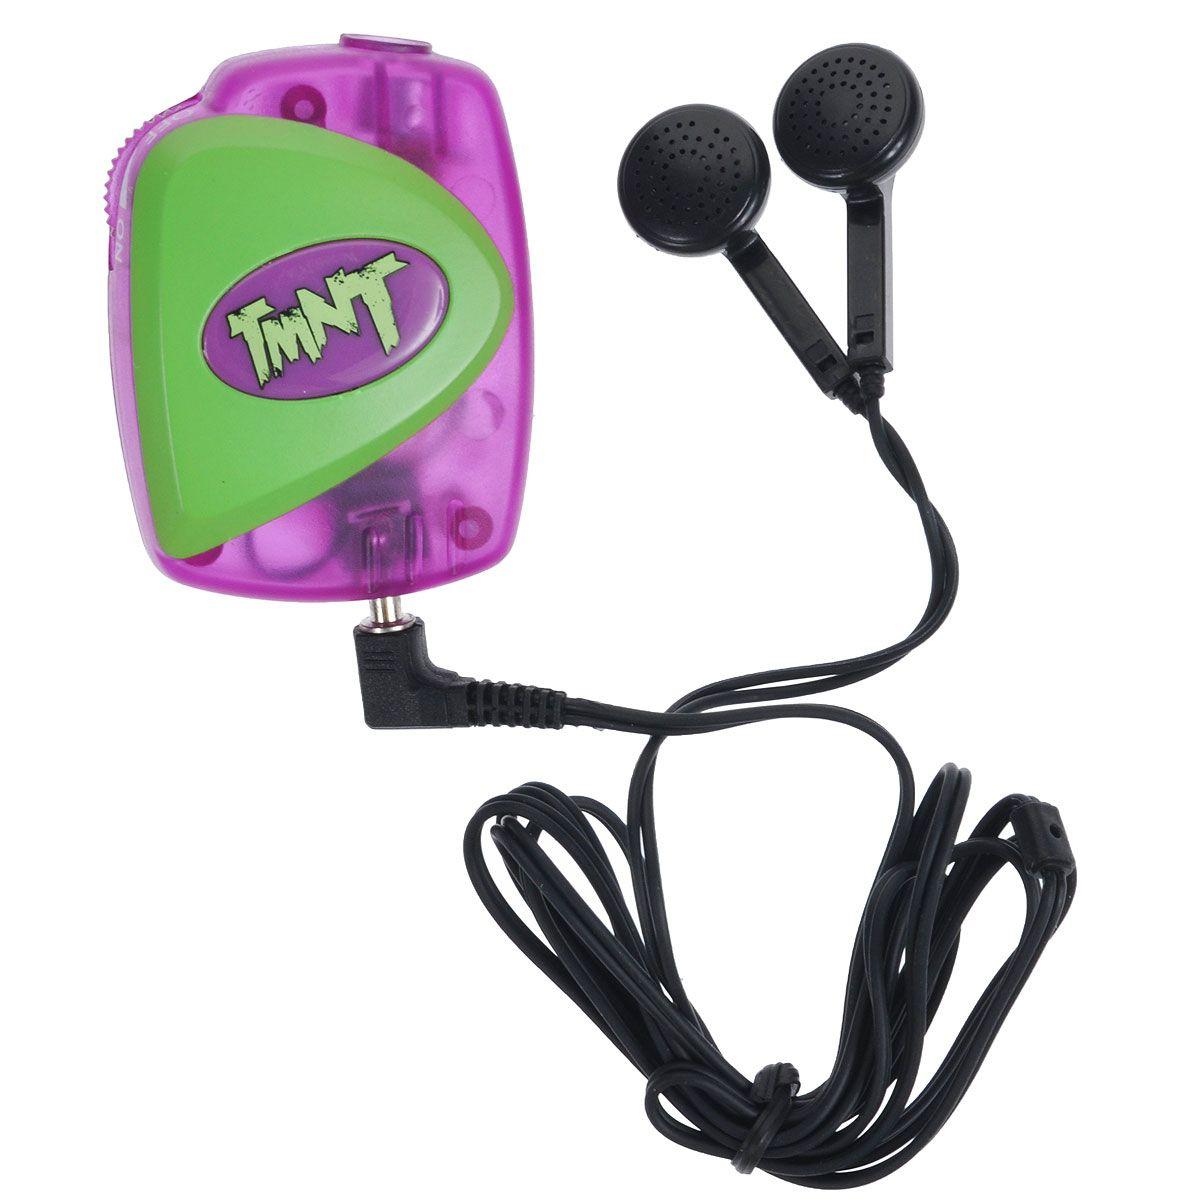 Компактное подслушивающее устройство шпиона «Черепашки-ниндзя» от Toyway